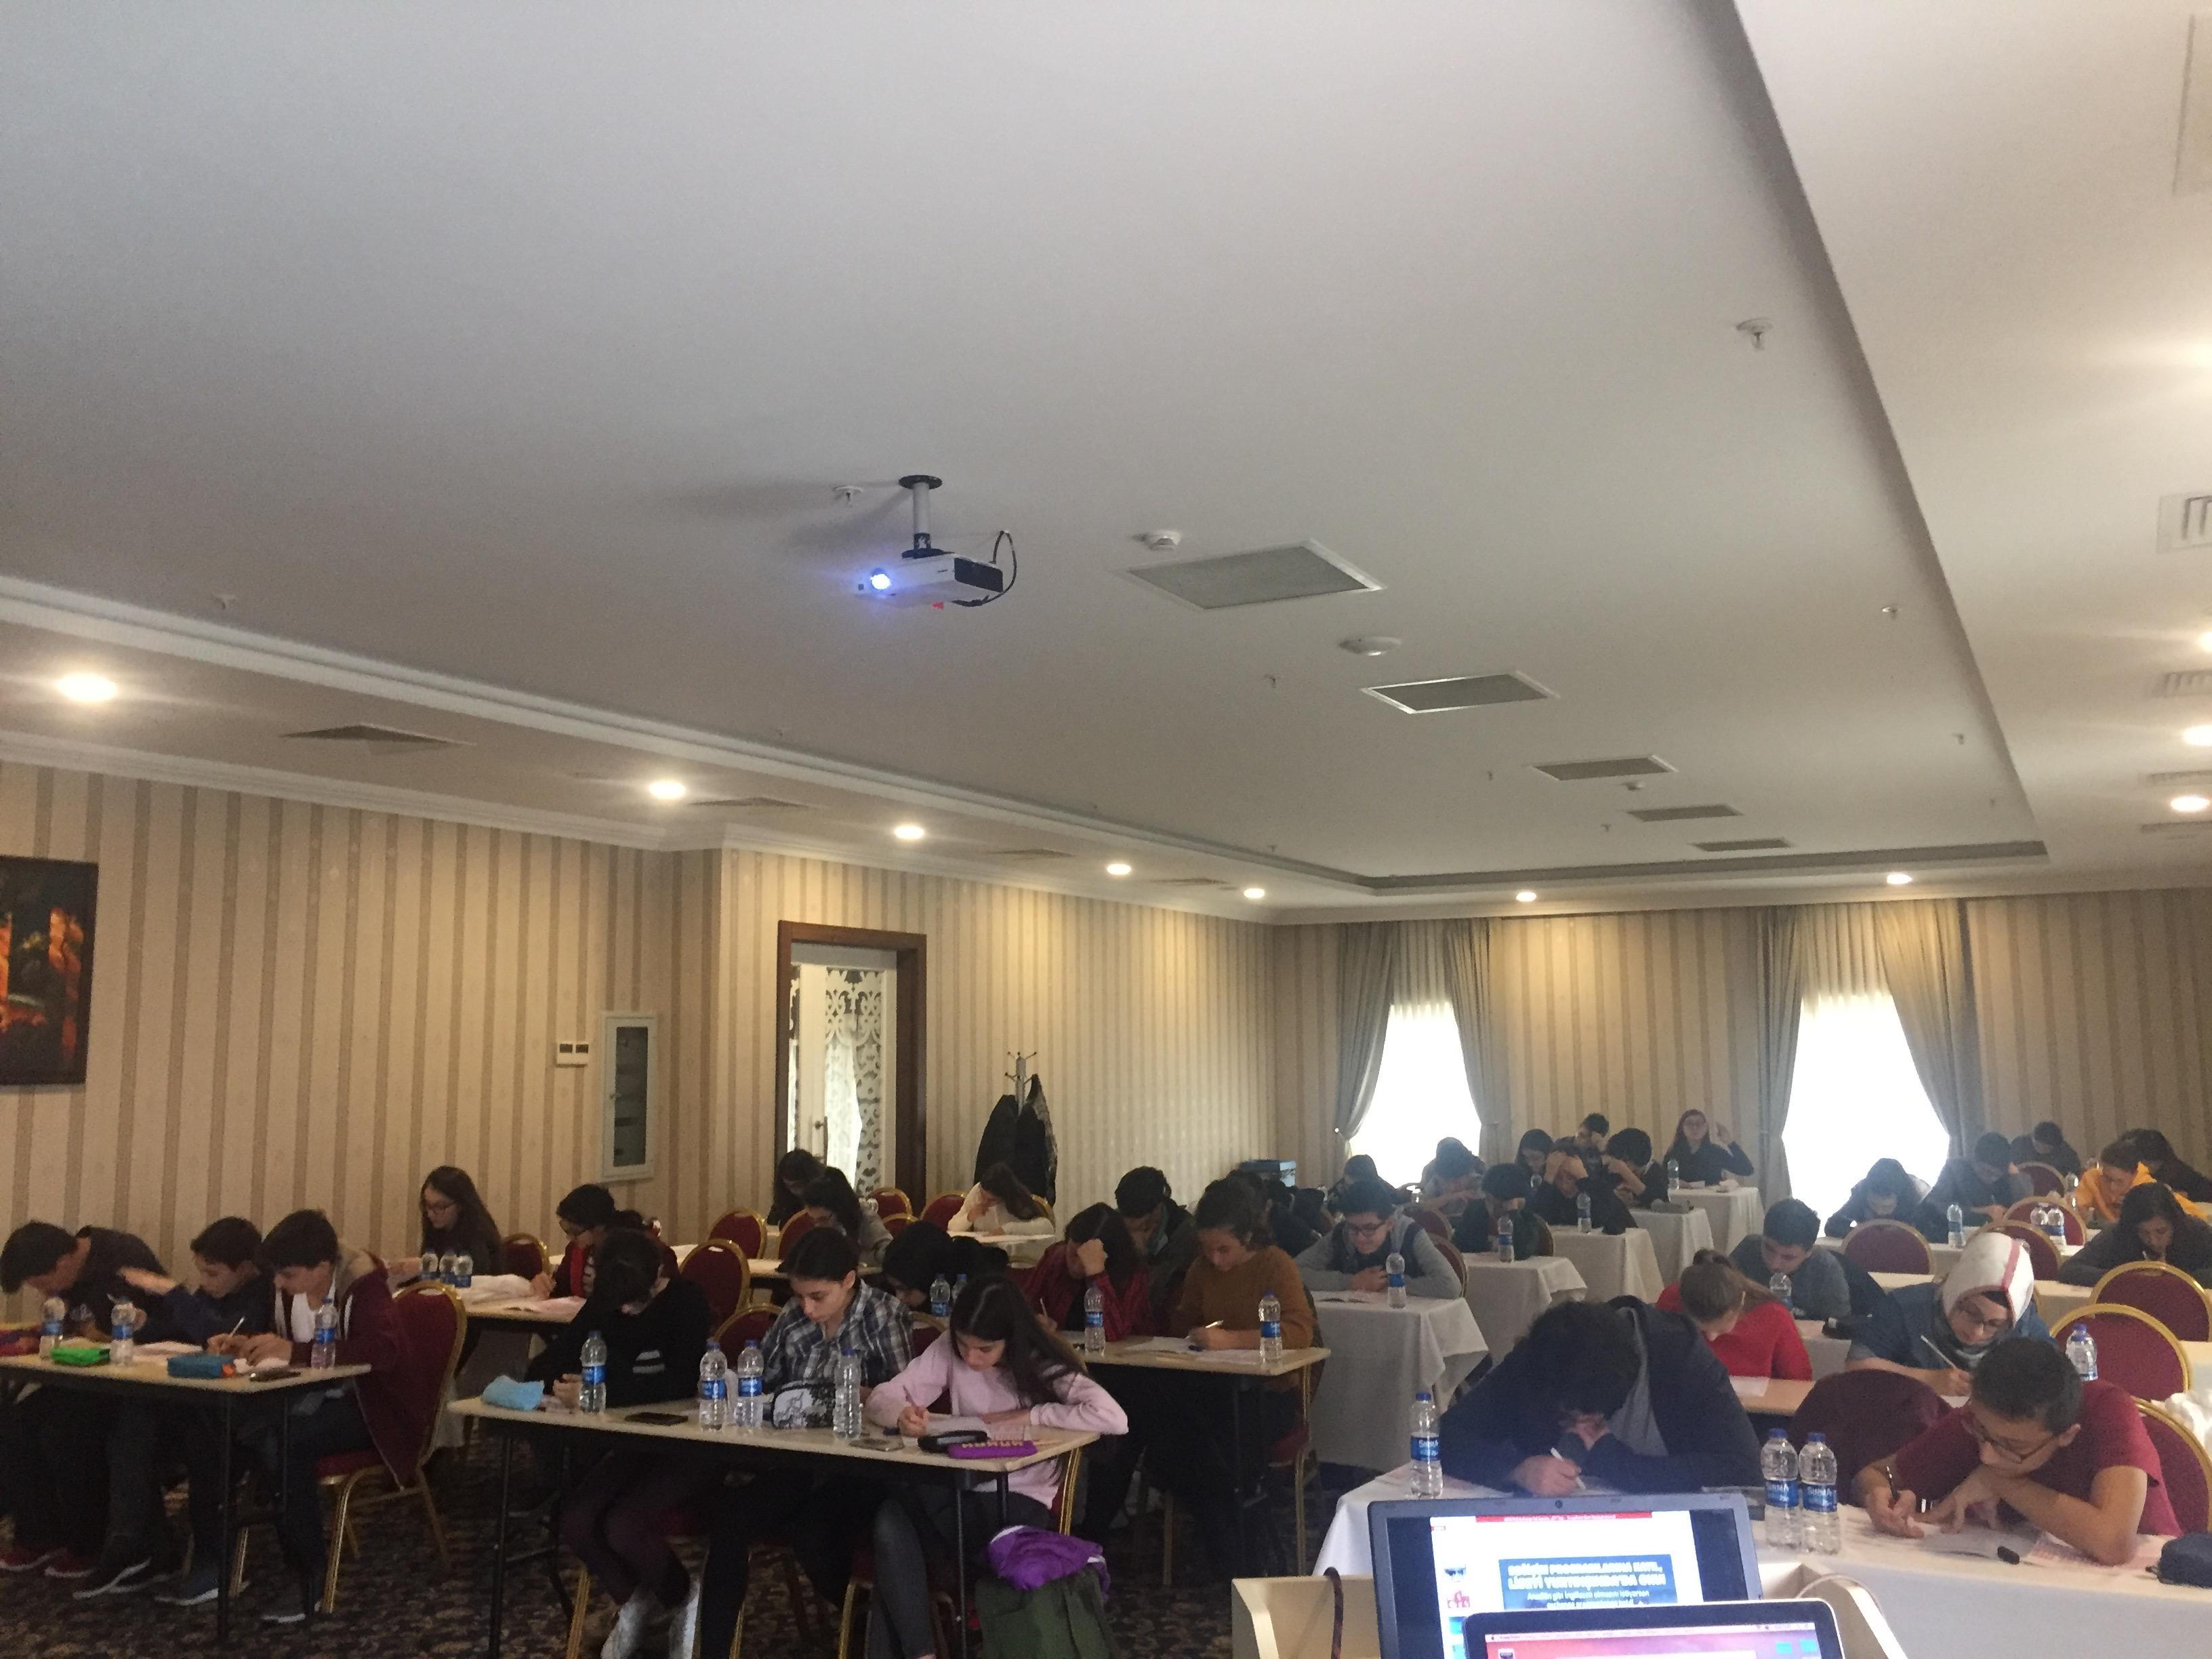 Yüzlerce Öğrenciye Ulaşan KUDEP Sınavımıza Katılım Devam Ediyor